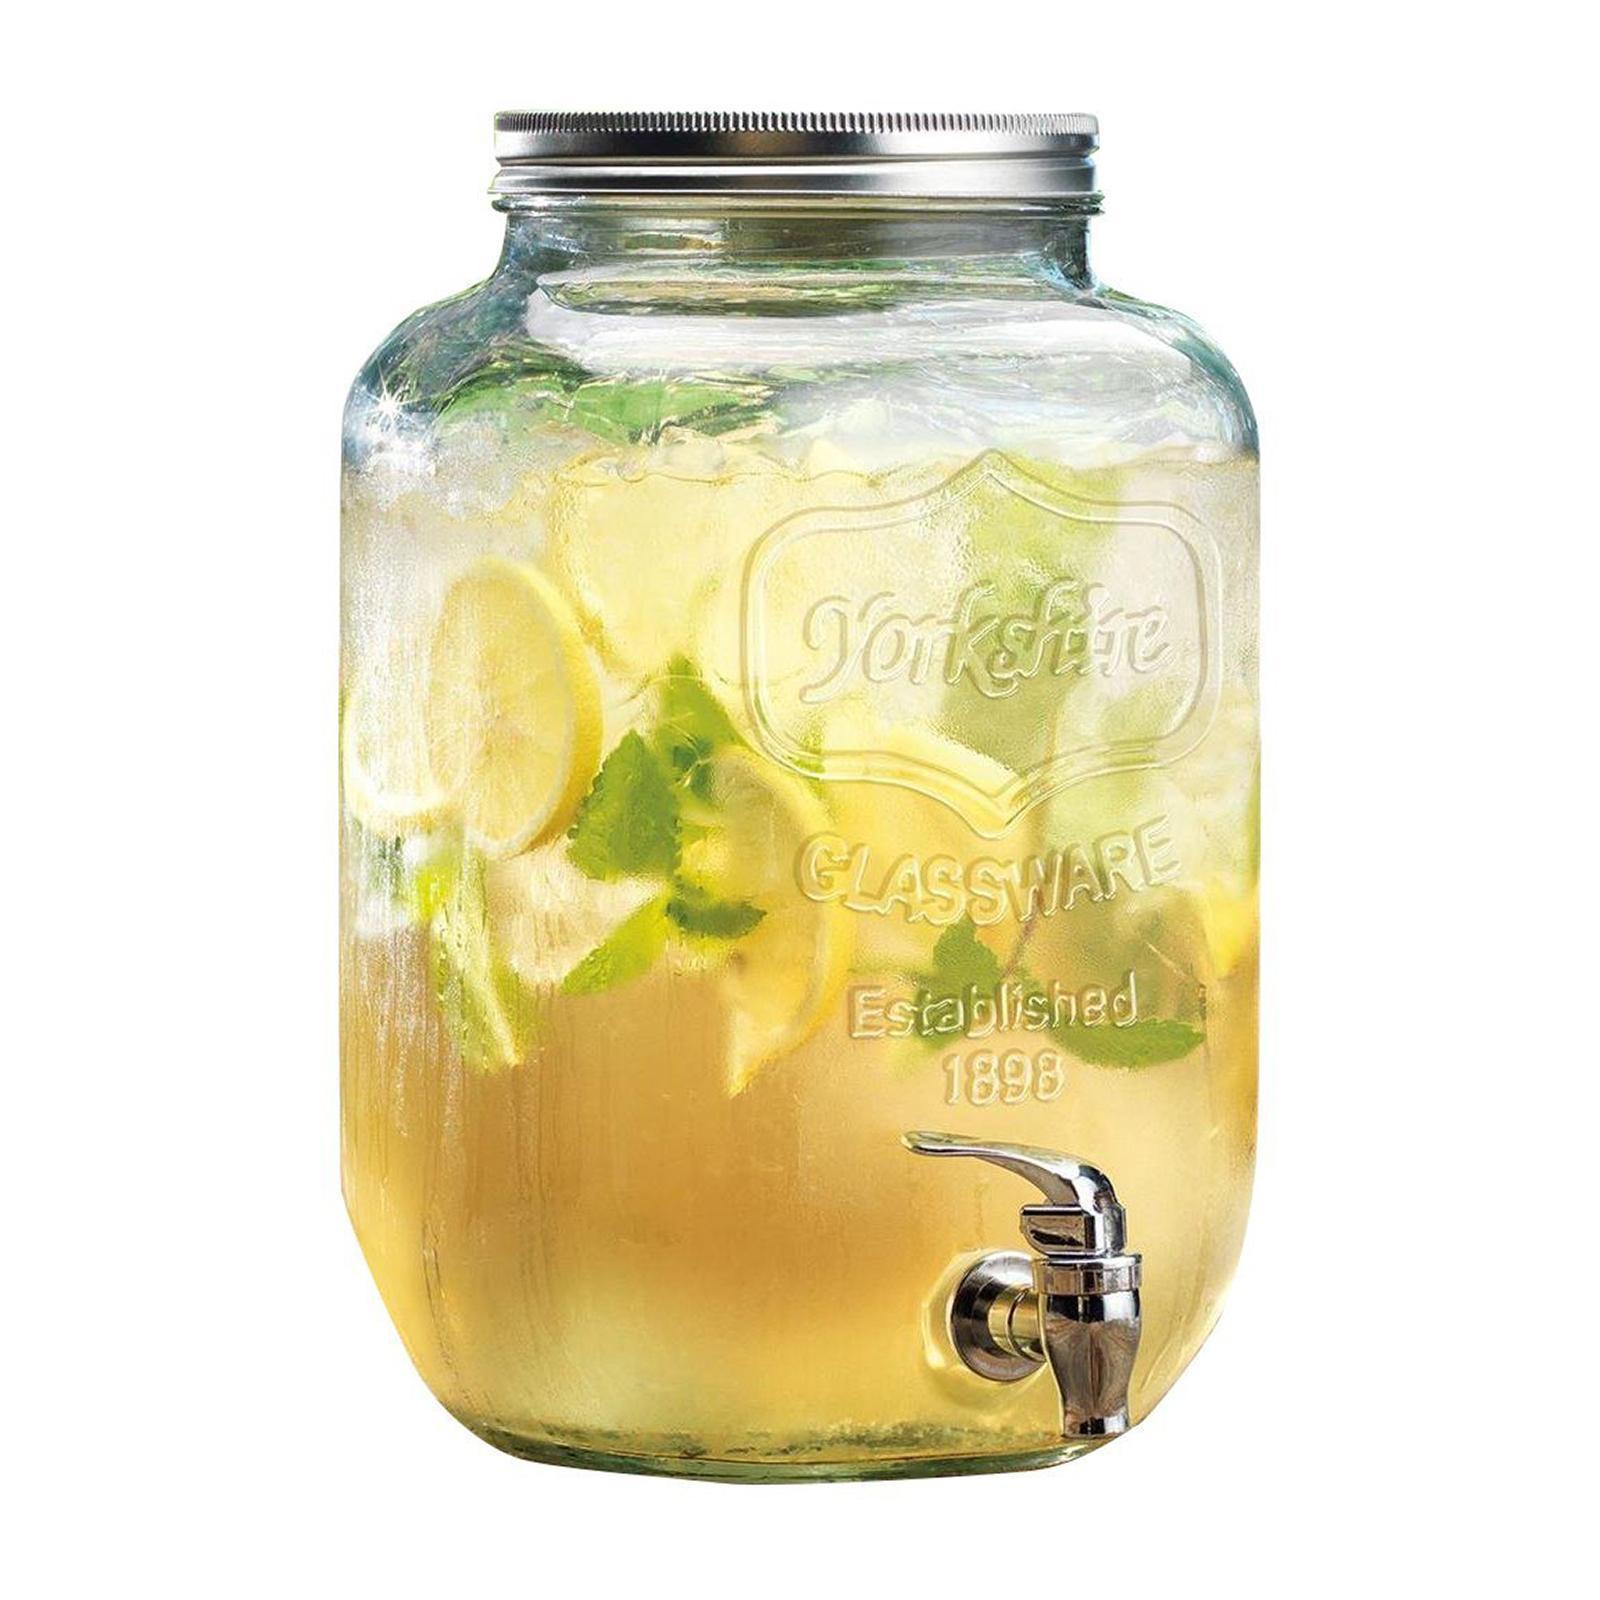 Yorkshire Mason Jar Glass Beverage Drink Dispenser With Metal Lid - 4.5L